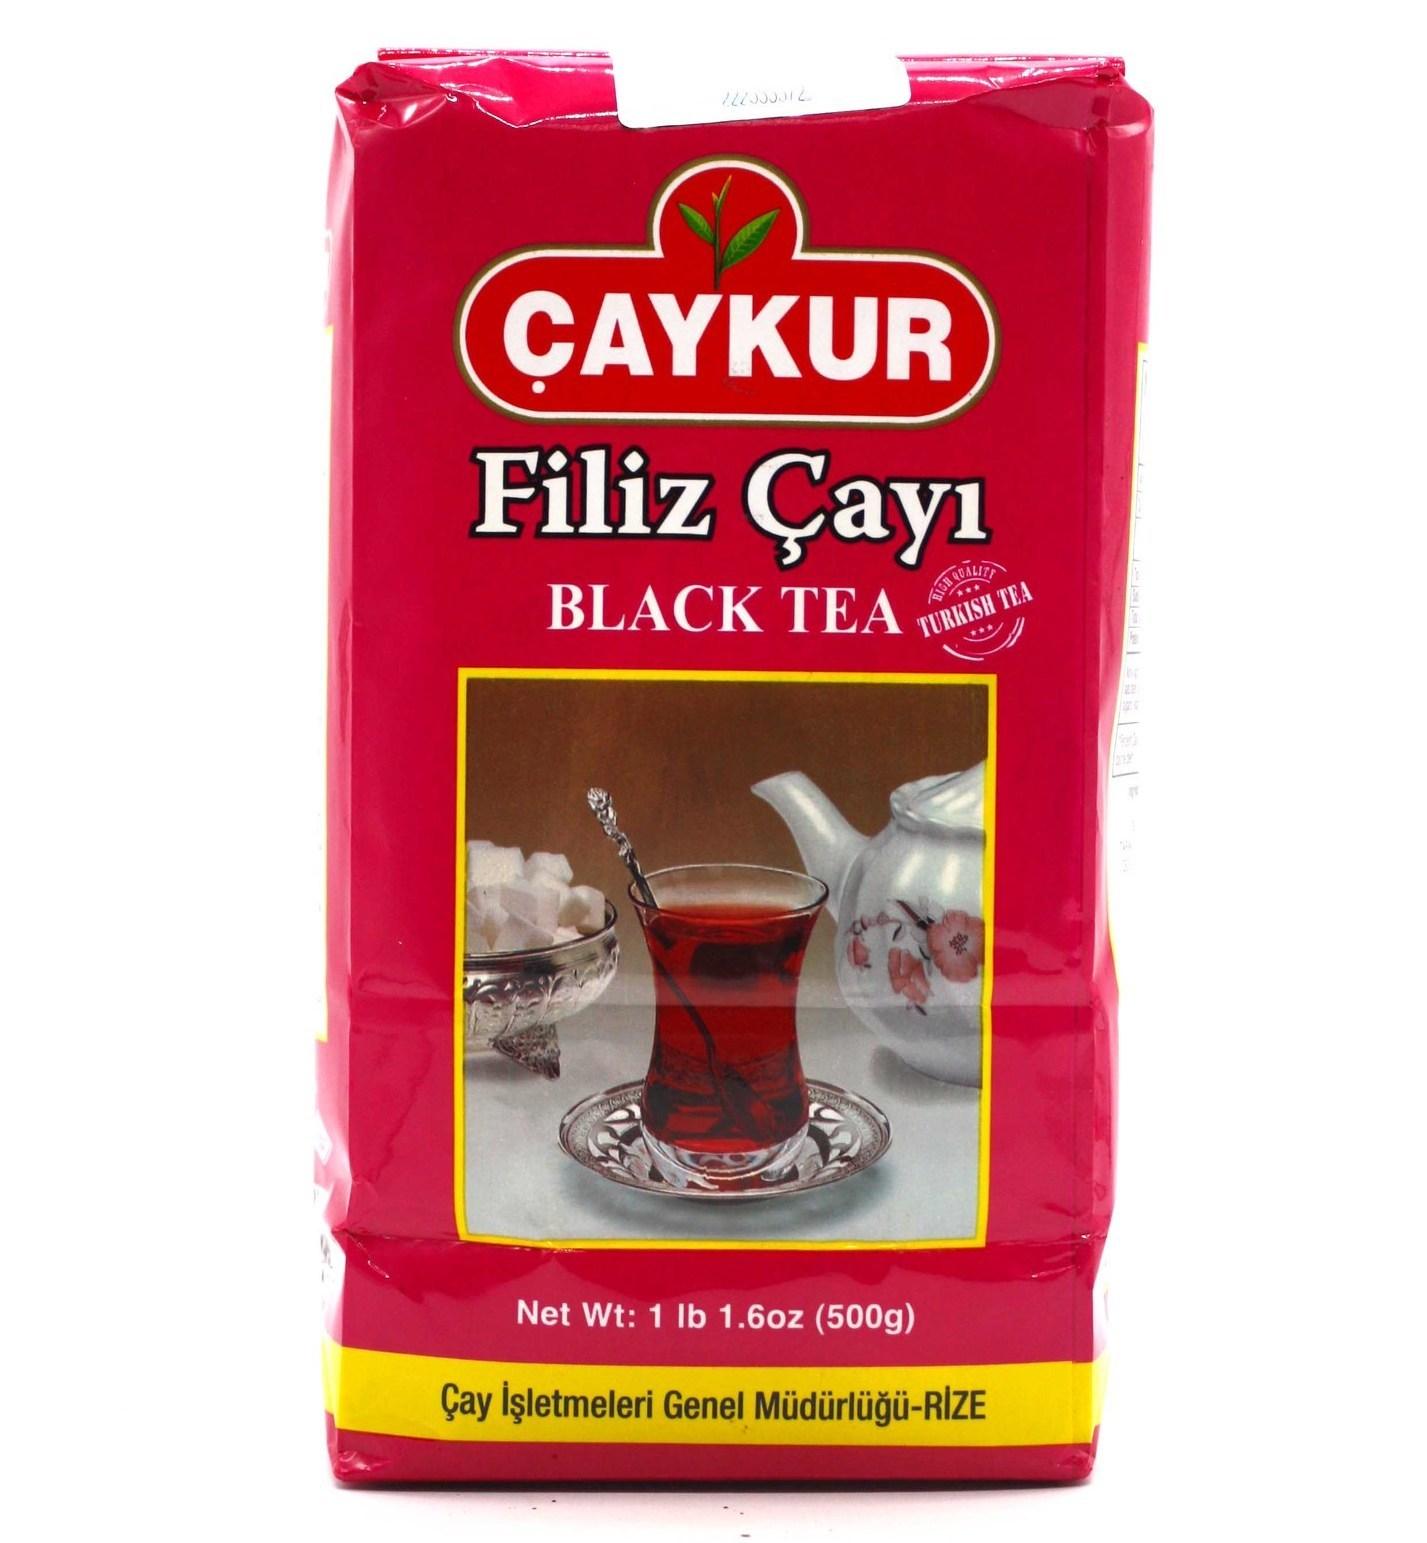 Чай, травяные напитки Турецкий черный чай Filiz, Çaykur, 500 г import_files_a0_a058a49ca51711e8a99c484d7ecee297_7b9d99b9366e11e9a9a6484d7ecee297.jpg